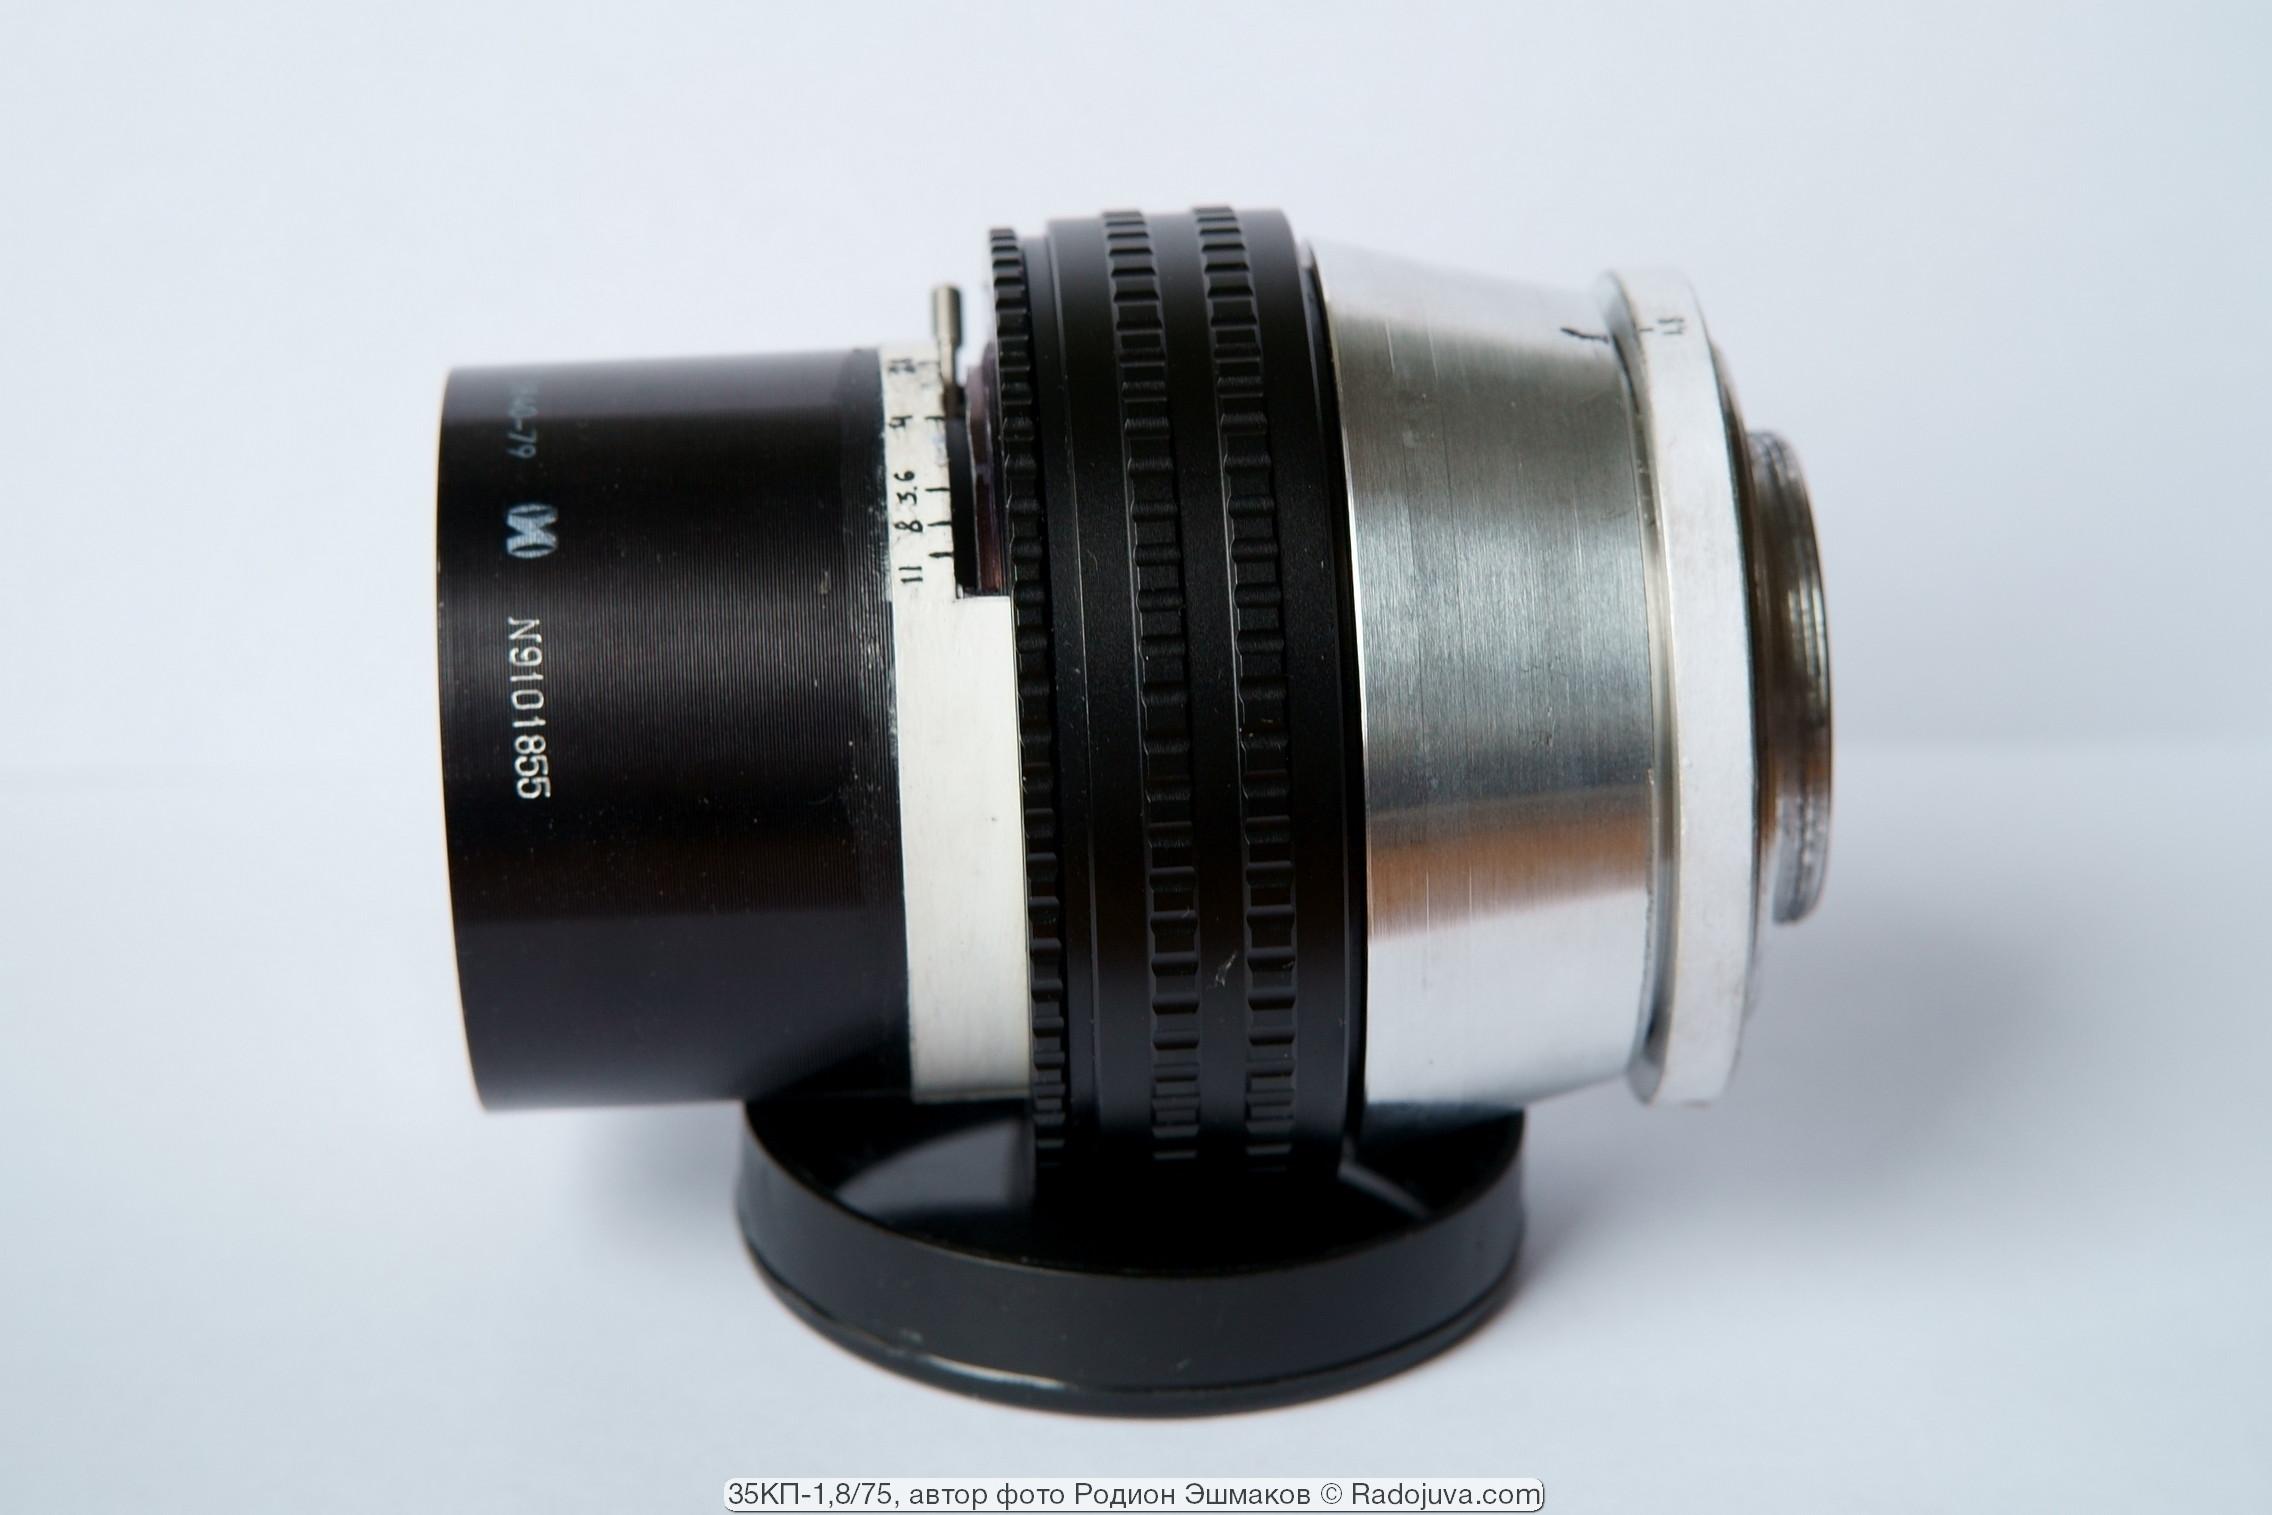 Адаптированный 35КП-1,8/75 в сборе при фокусировке на бесконечность.